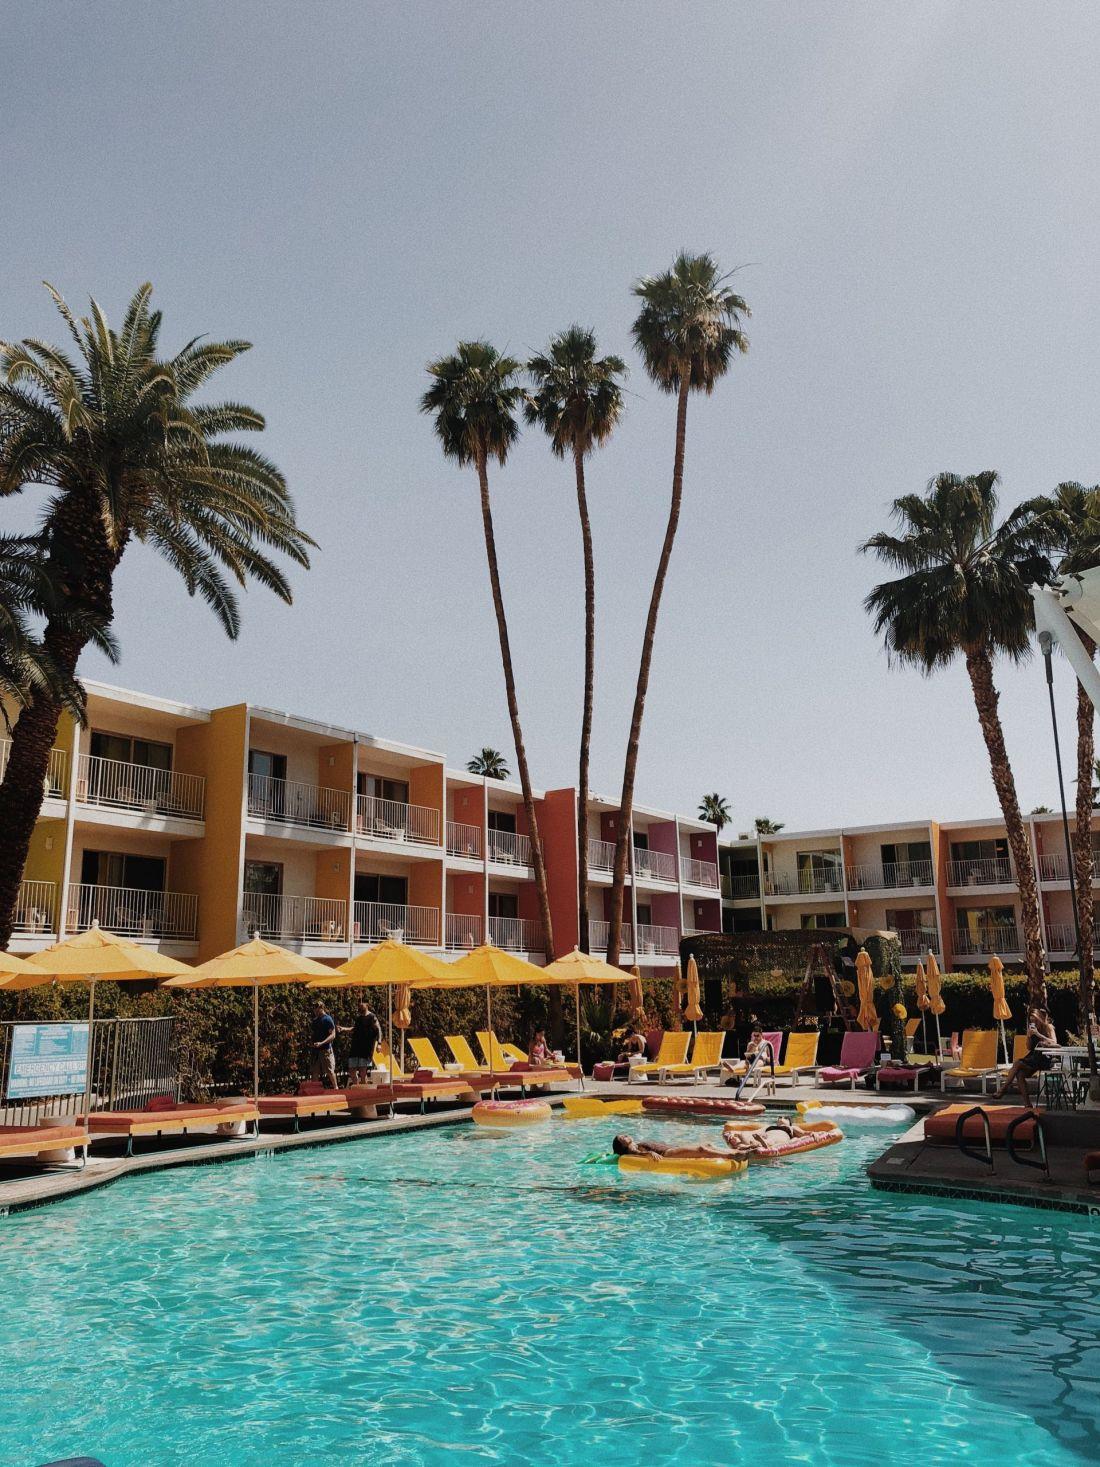 Saguaro, Palm Springs